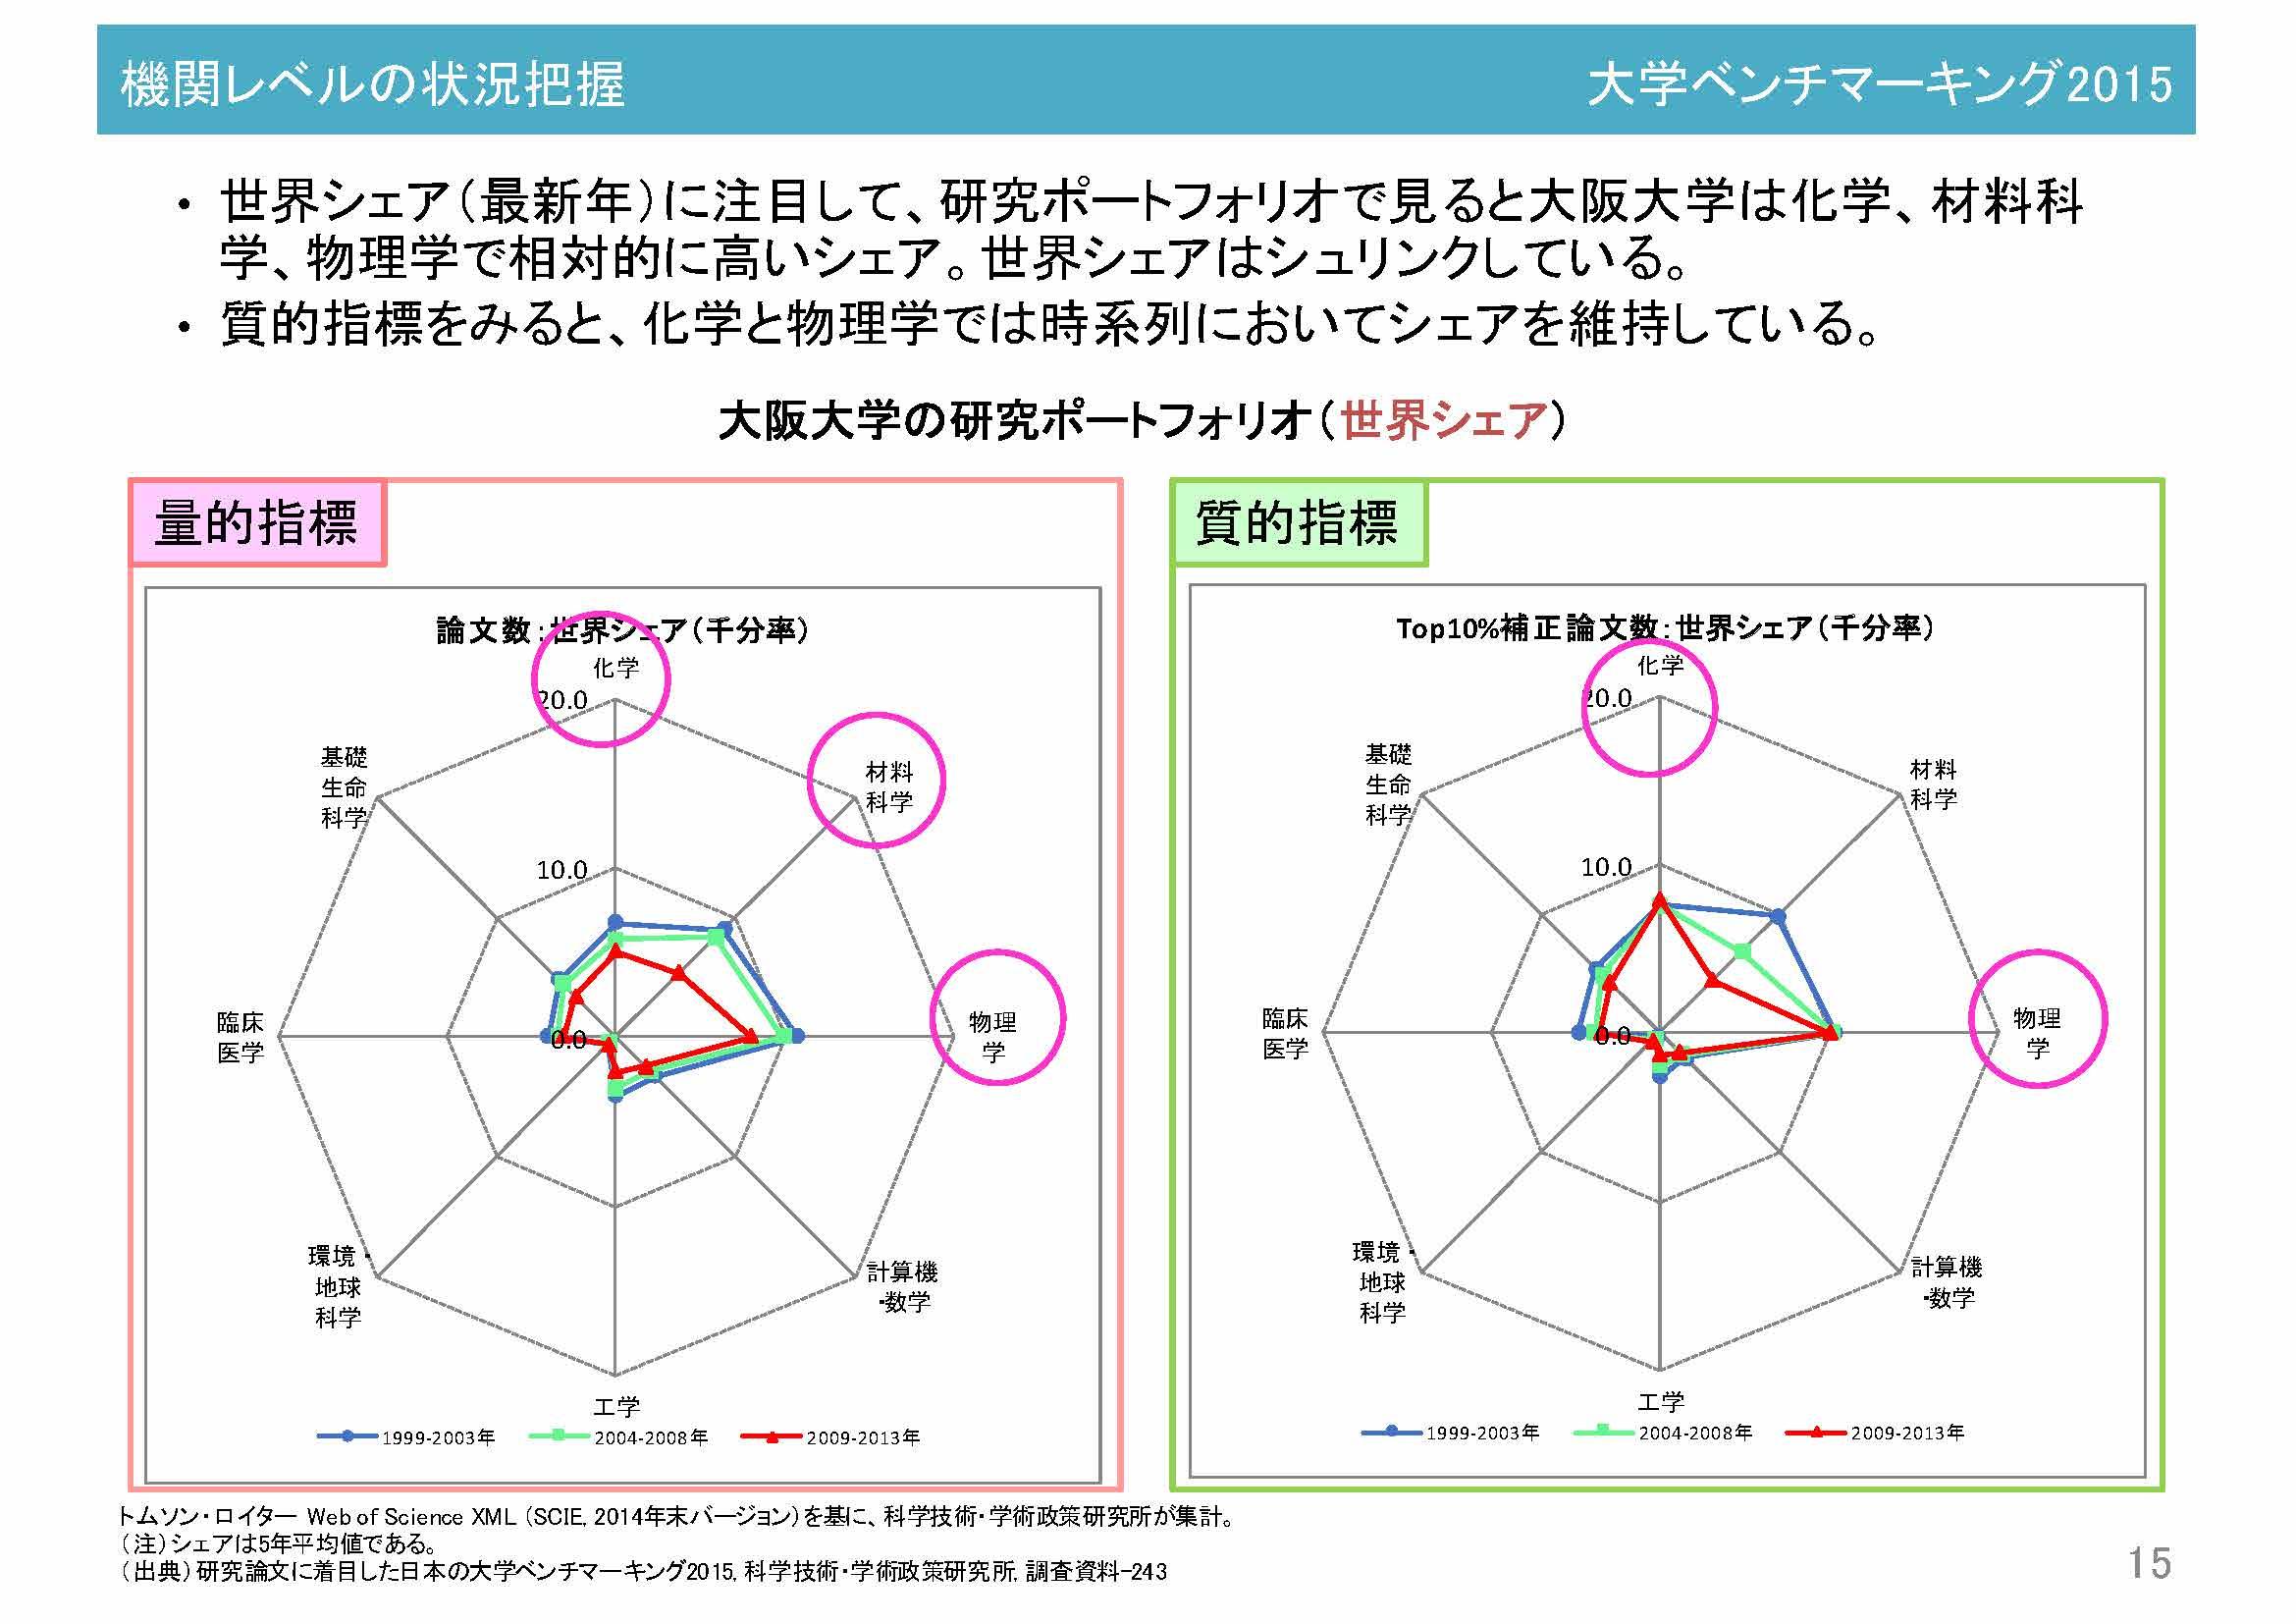 阪氏講演資料12